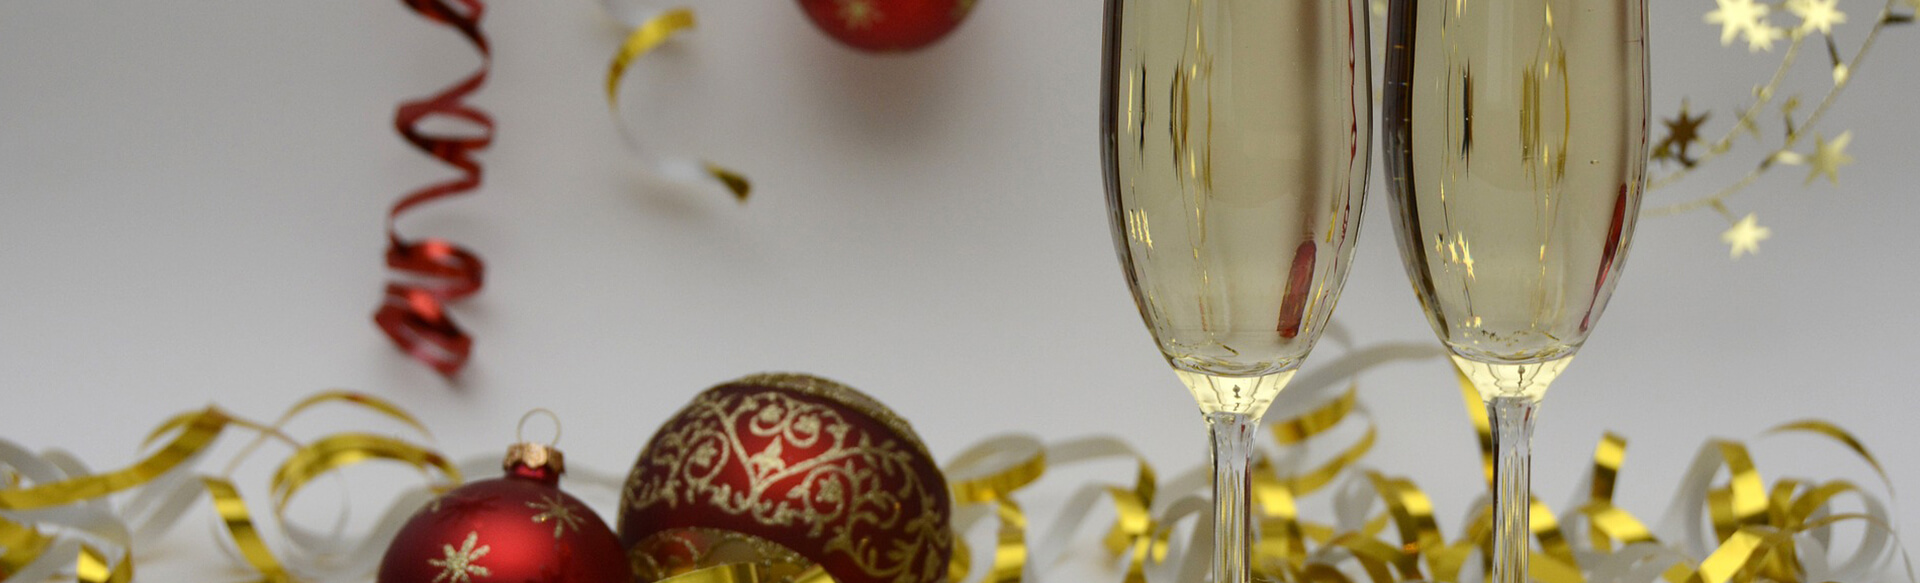 Já sabe como reservar o salão de festas para o Natal e Ano Novo?